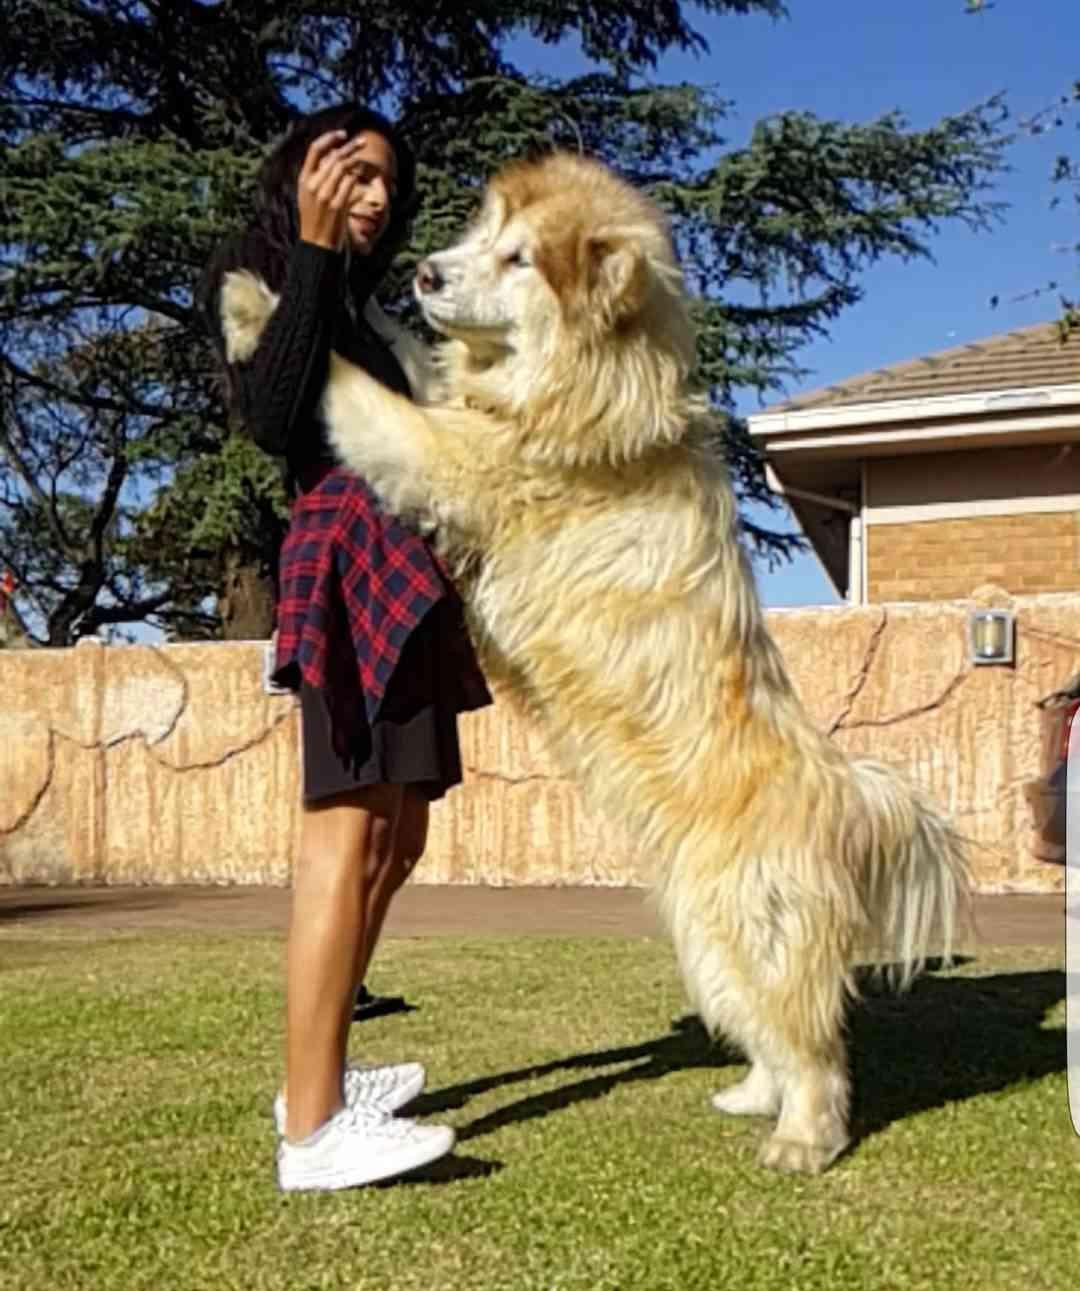 ライオンのような超巨大ワンコのフワモフボディーが話題